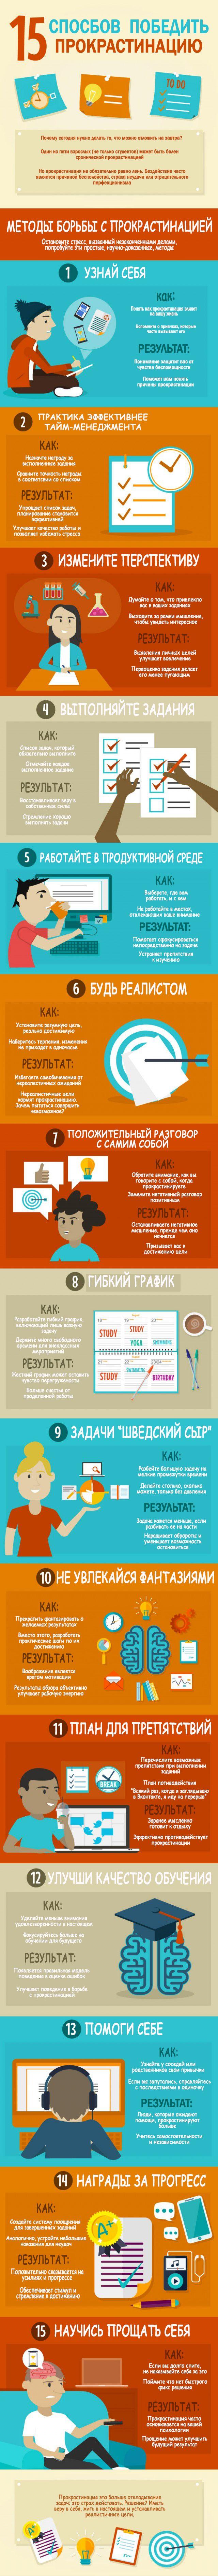 """Прокрастинация, инфографика Еще больше интересных материалов на invisibly.ru Поговорки, афоризмы и шутки - змечайте, как благтворно влияет на психику время, проведенное за чтением этих постов <a href=""""https://www.natr-nn.ru/blog/category/entertainment"""">Еще больше постеров</a>"""